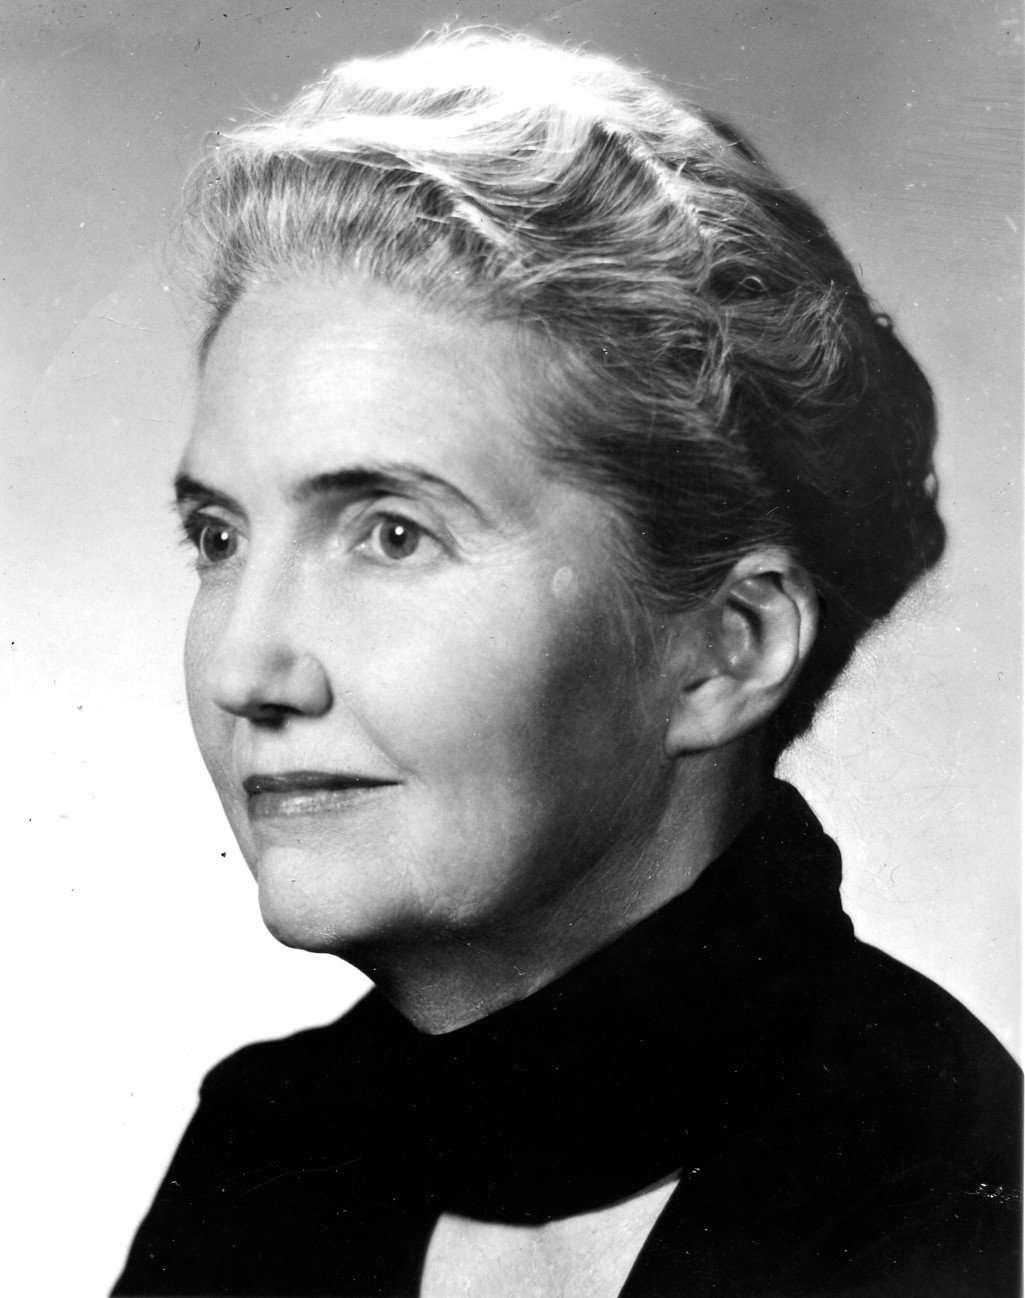 Sarah-Patton Boyle